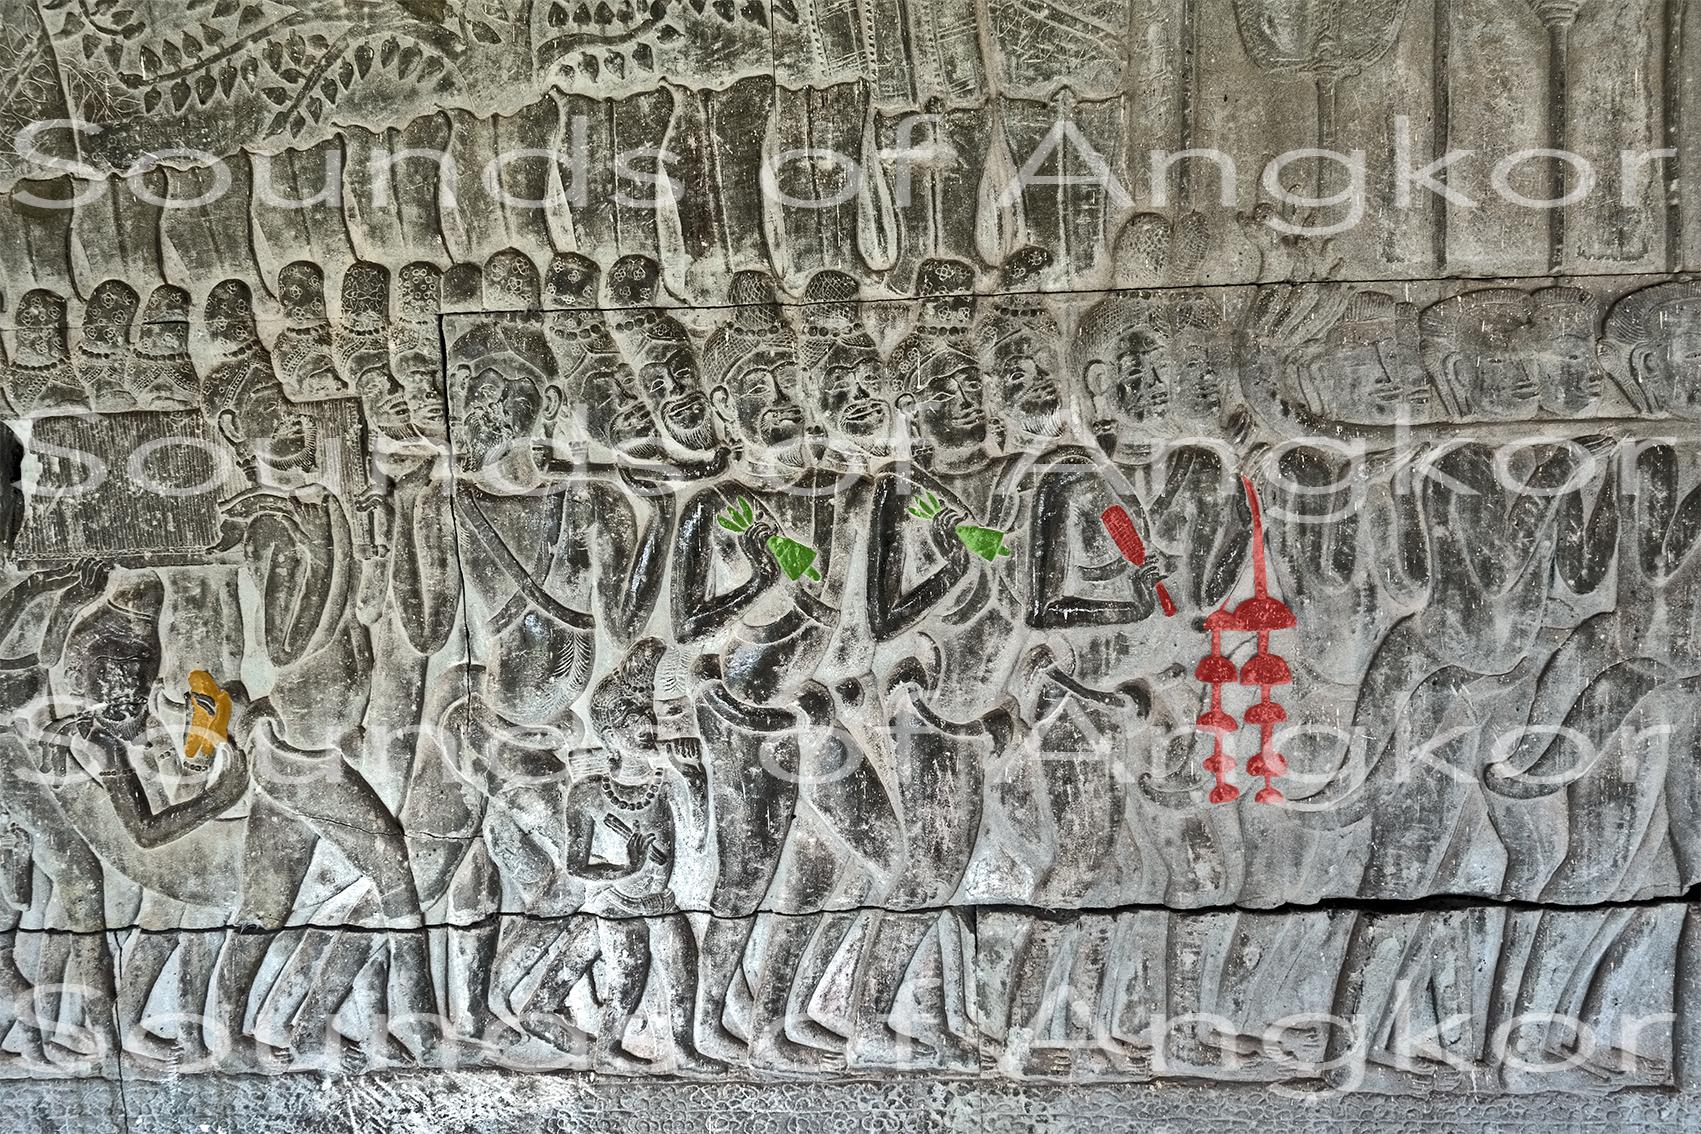 Les brahmanes accompagnant le feu sacré au son des arbres à cloches, des cloches et des textes sacrés. Angkor Vat, galerie sud, travée ouest.